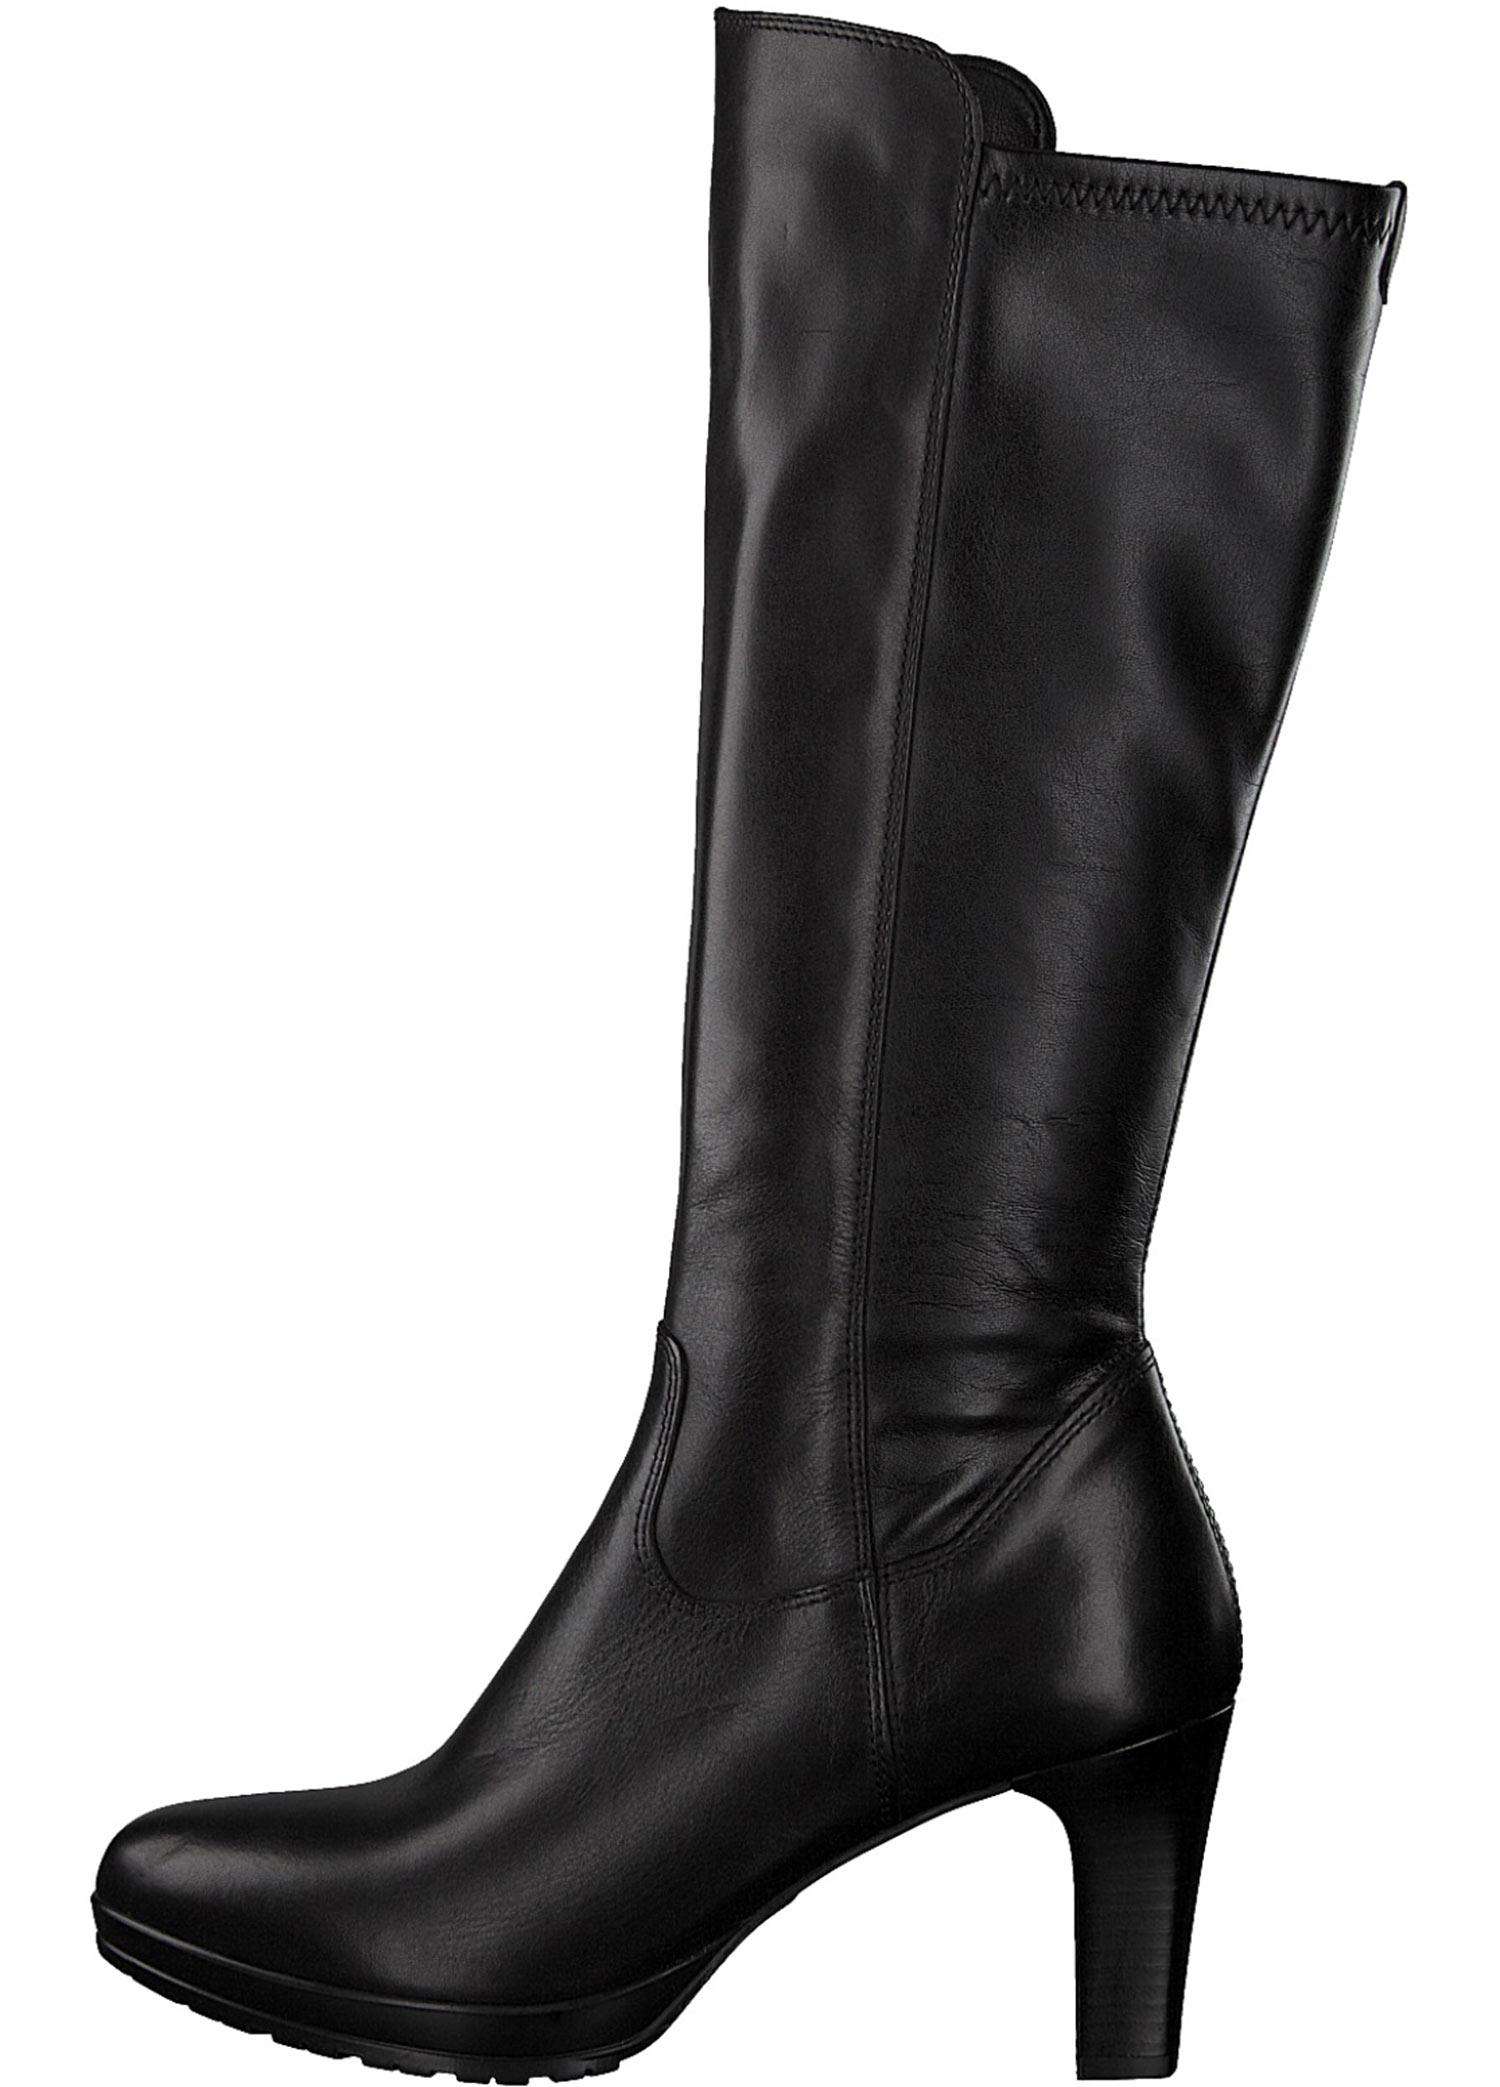 582ee5167771c1 Tamaris Bottes pour Femme Bottines Bottes Hiver 25548-21/001 Noir Neuf 2 2  sur 6 ...